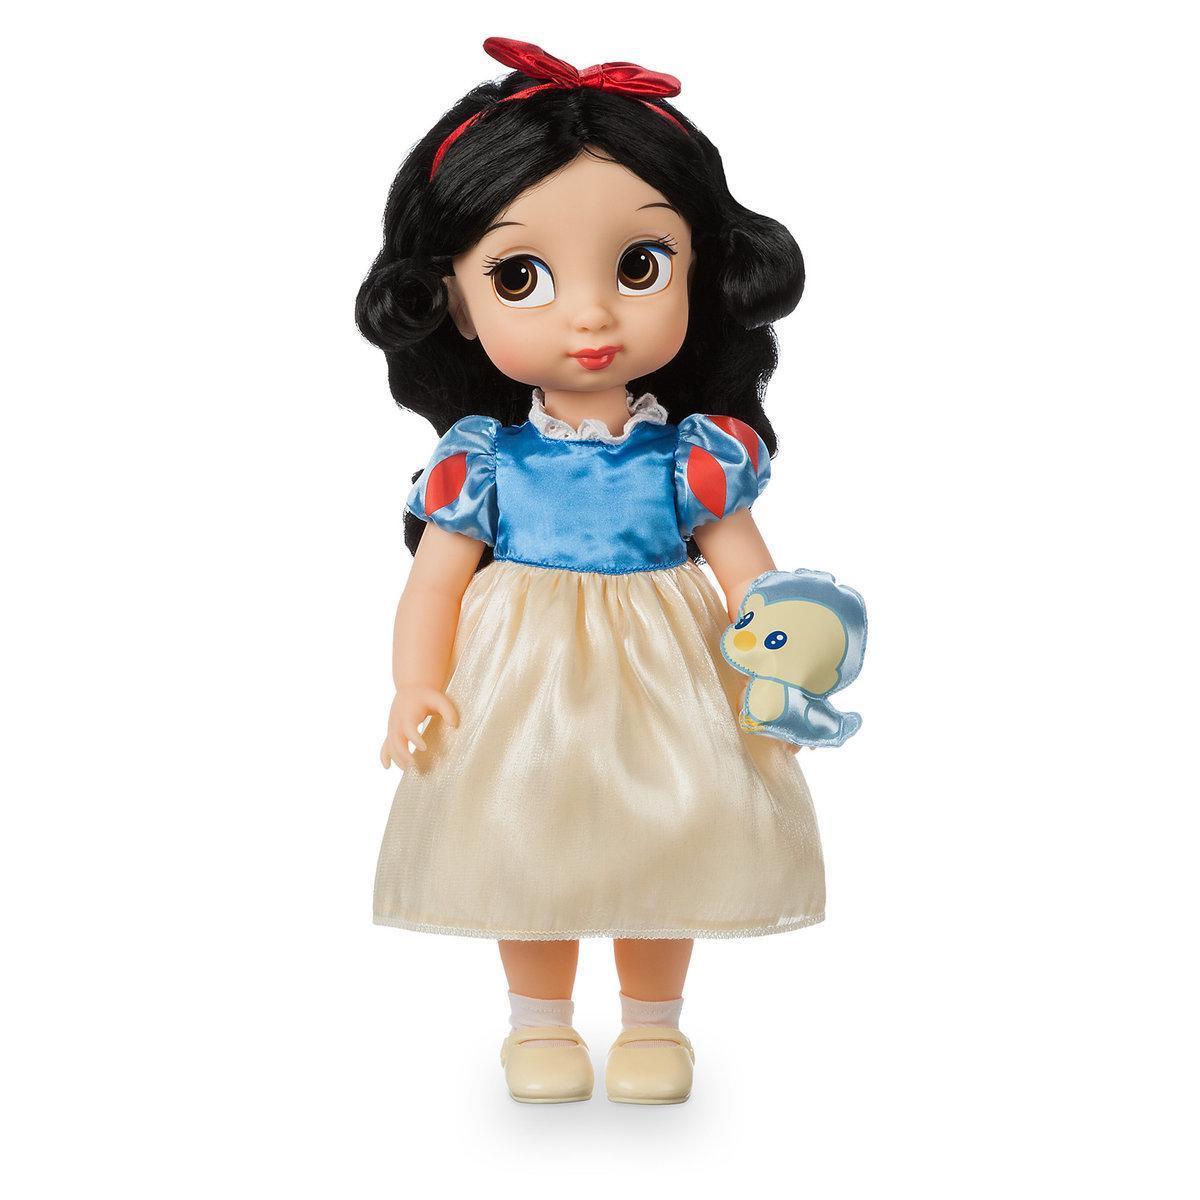 Белоснежка кукла аниматор 40 см ДИСНЕЙ / DISNEY